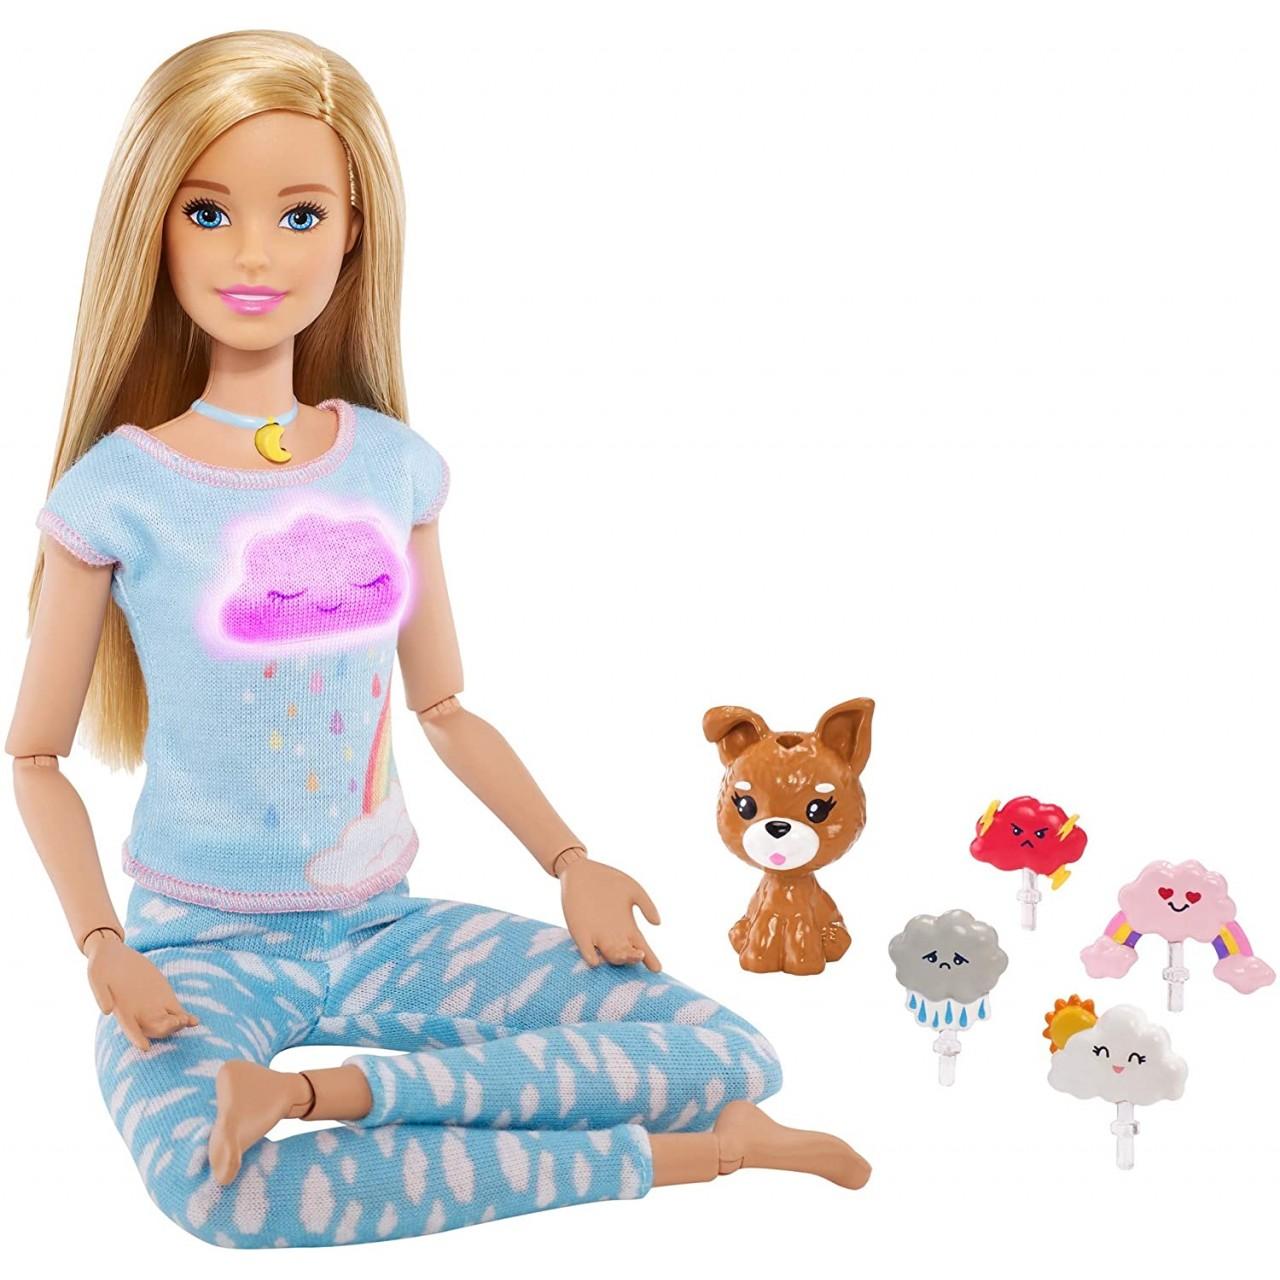 Кукла Барби блондинка Дыши со мной Медитация (GNK01) от Mattel Barbie